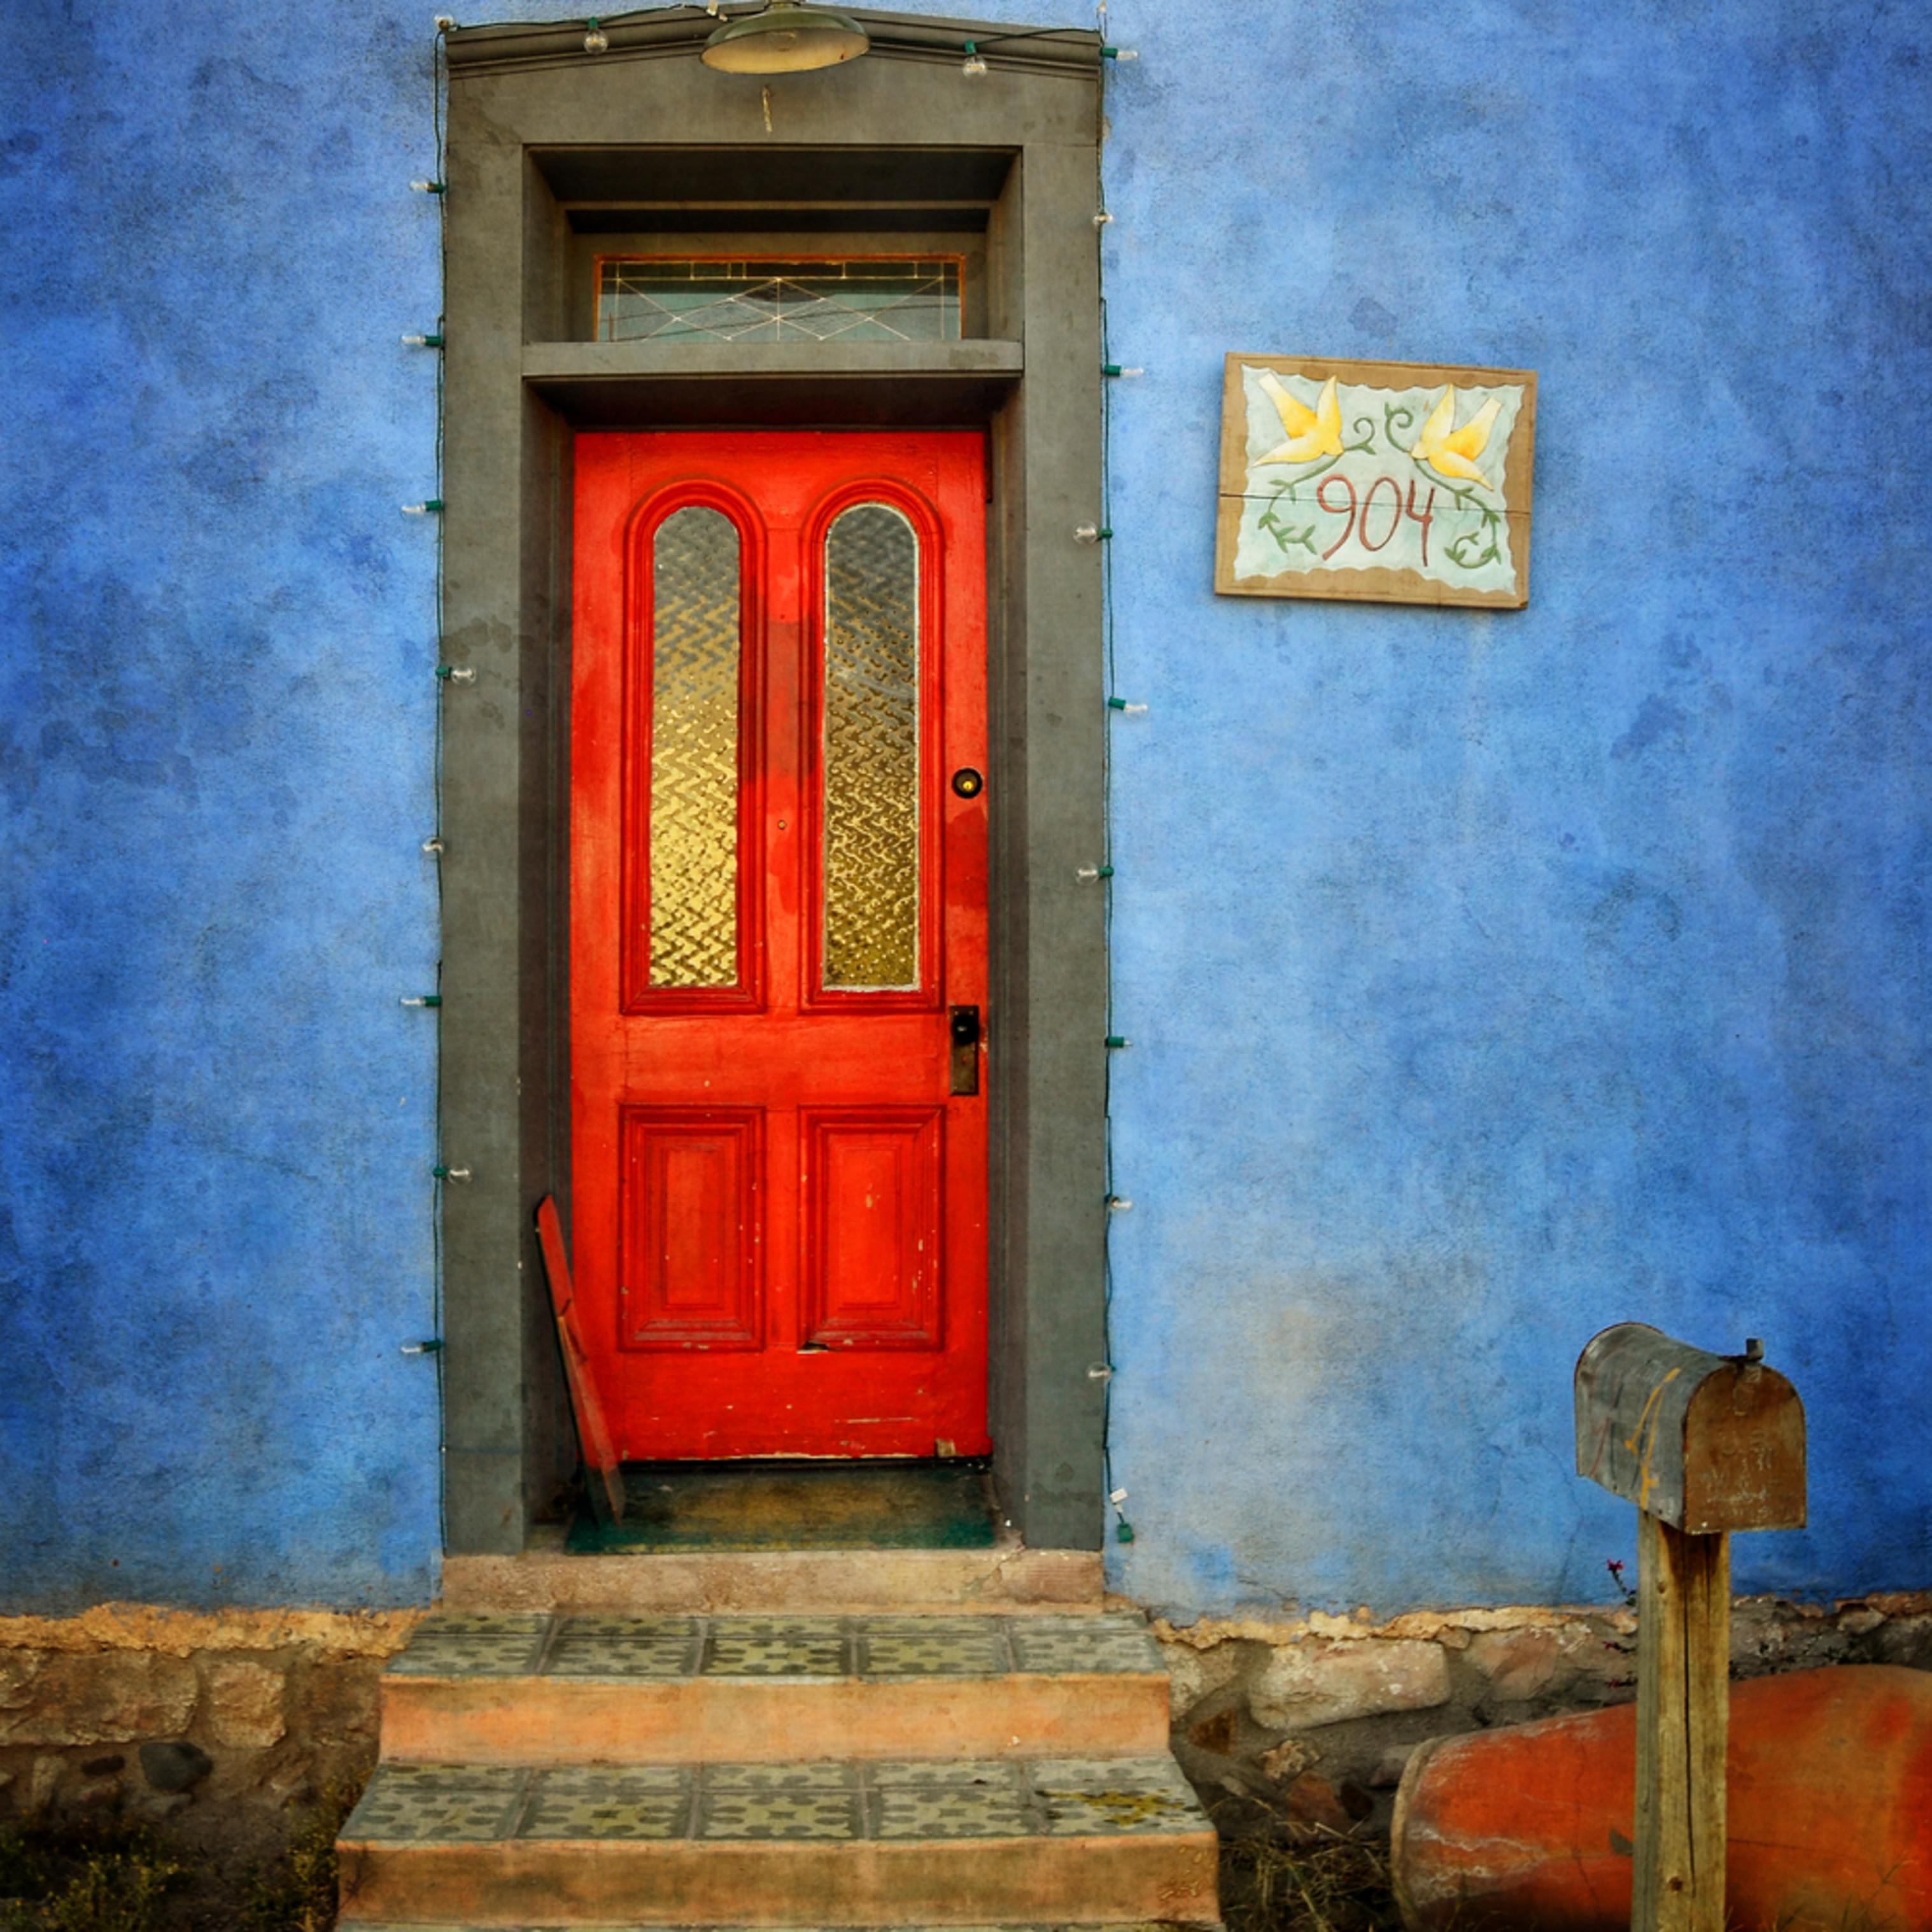 The door at 904 zuz4dl